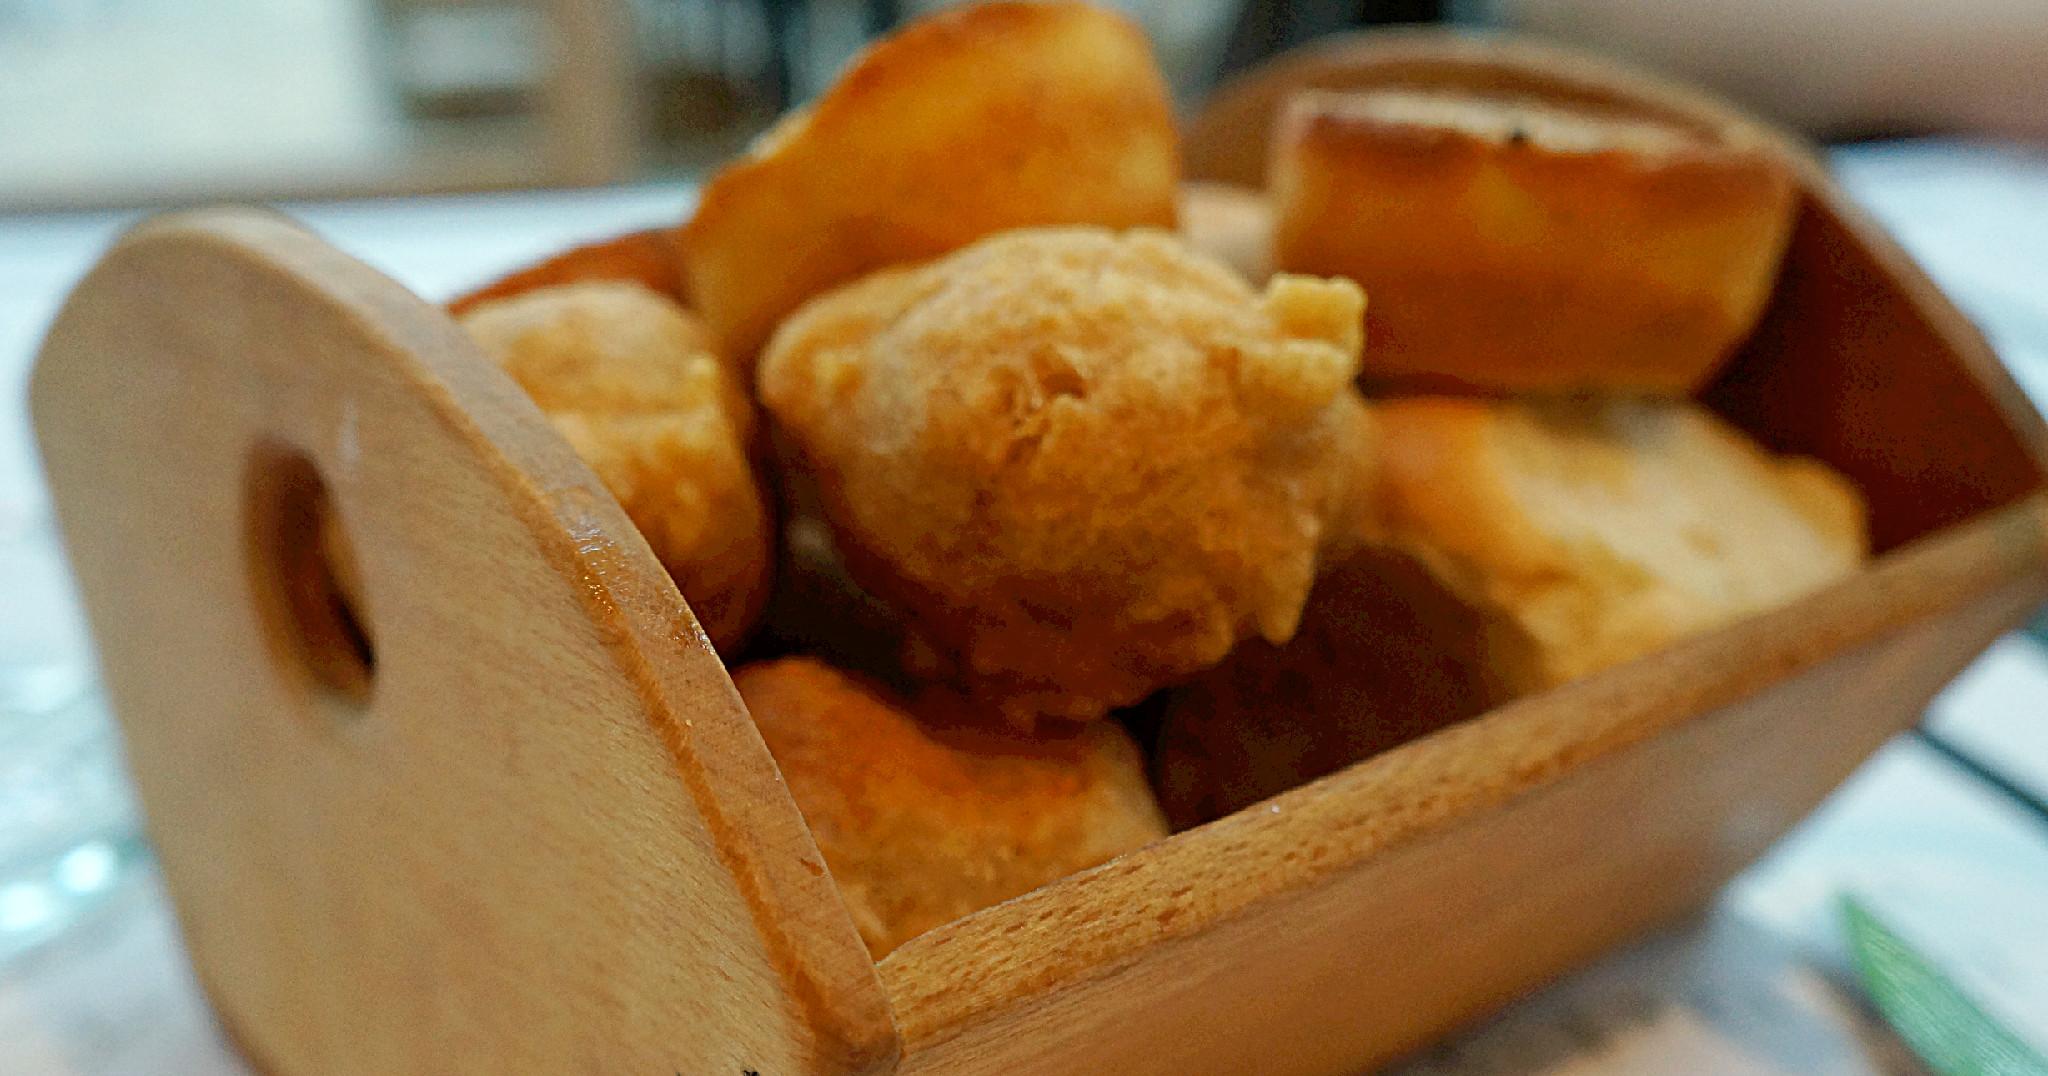 uštipci, proja i zemičke